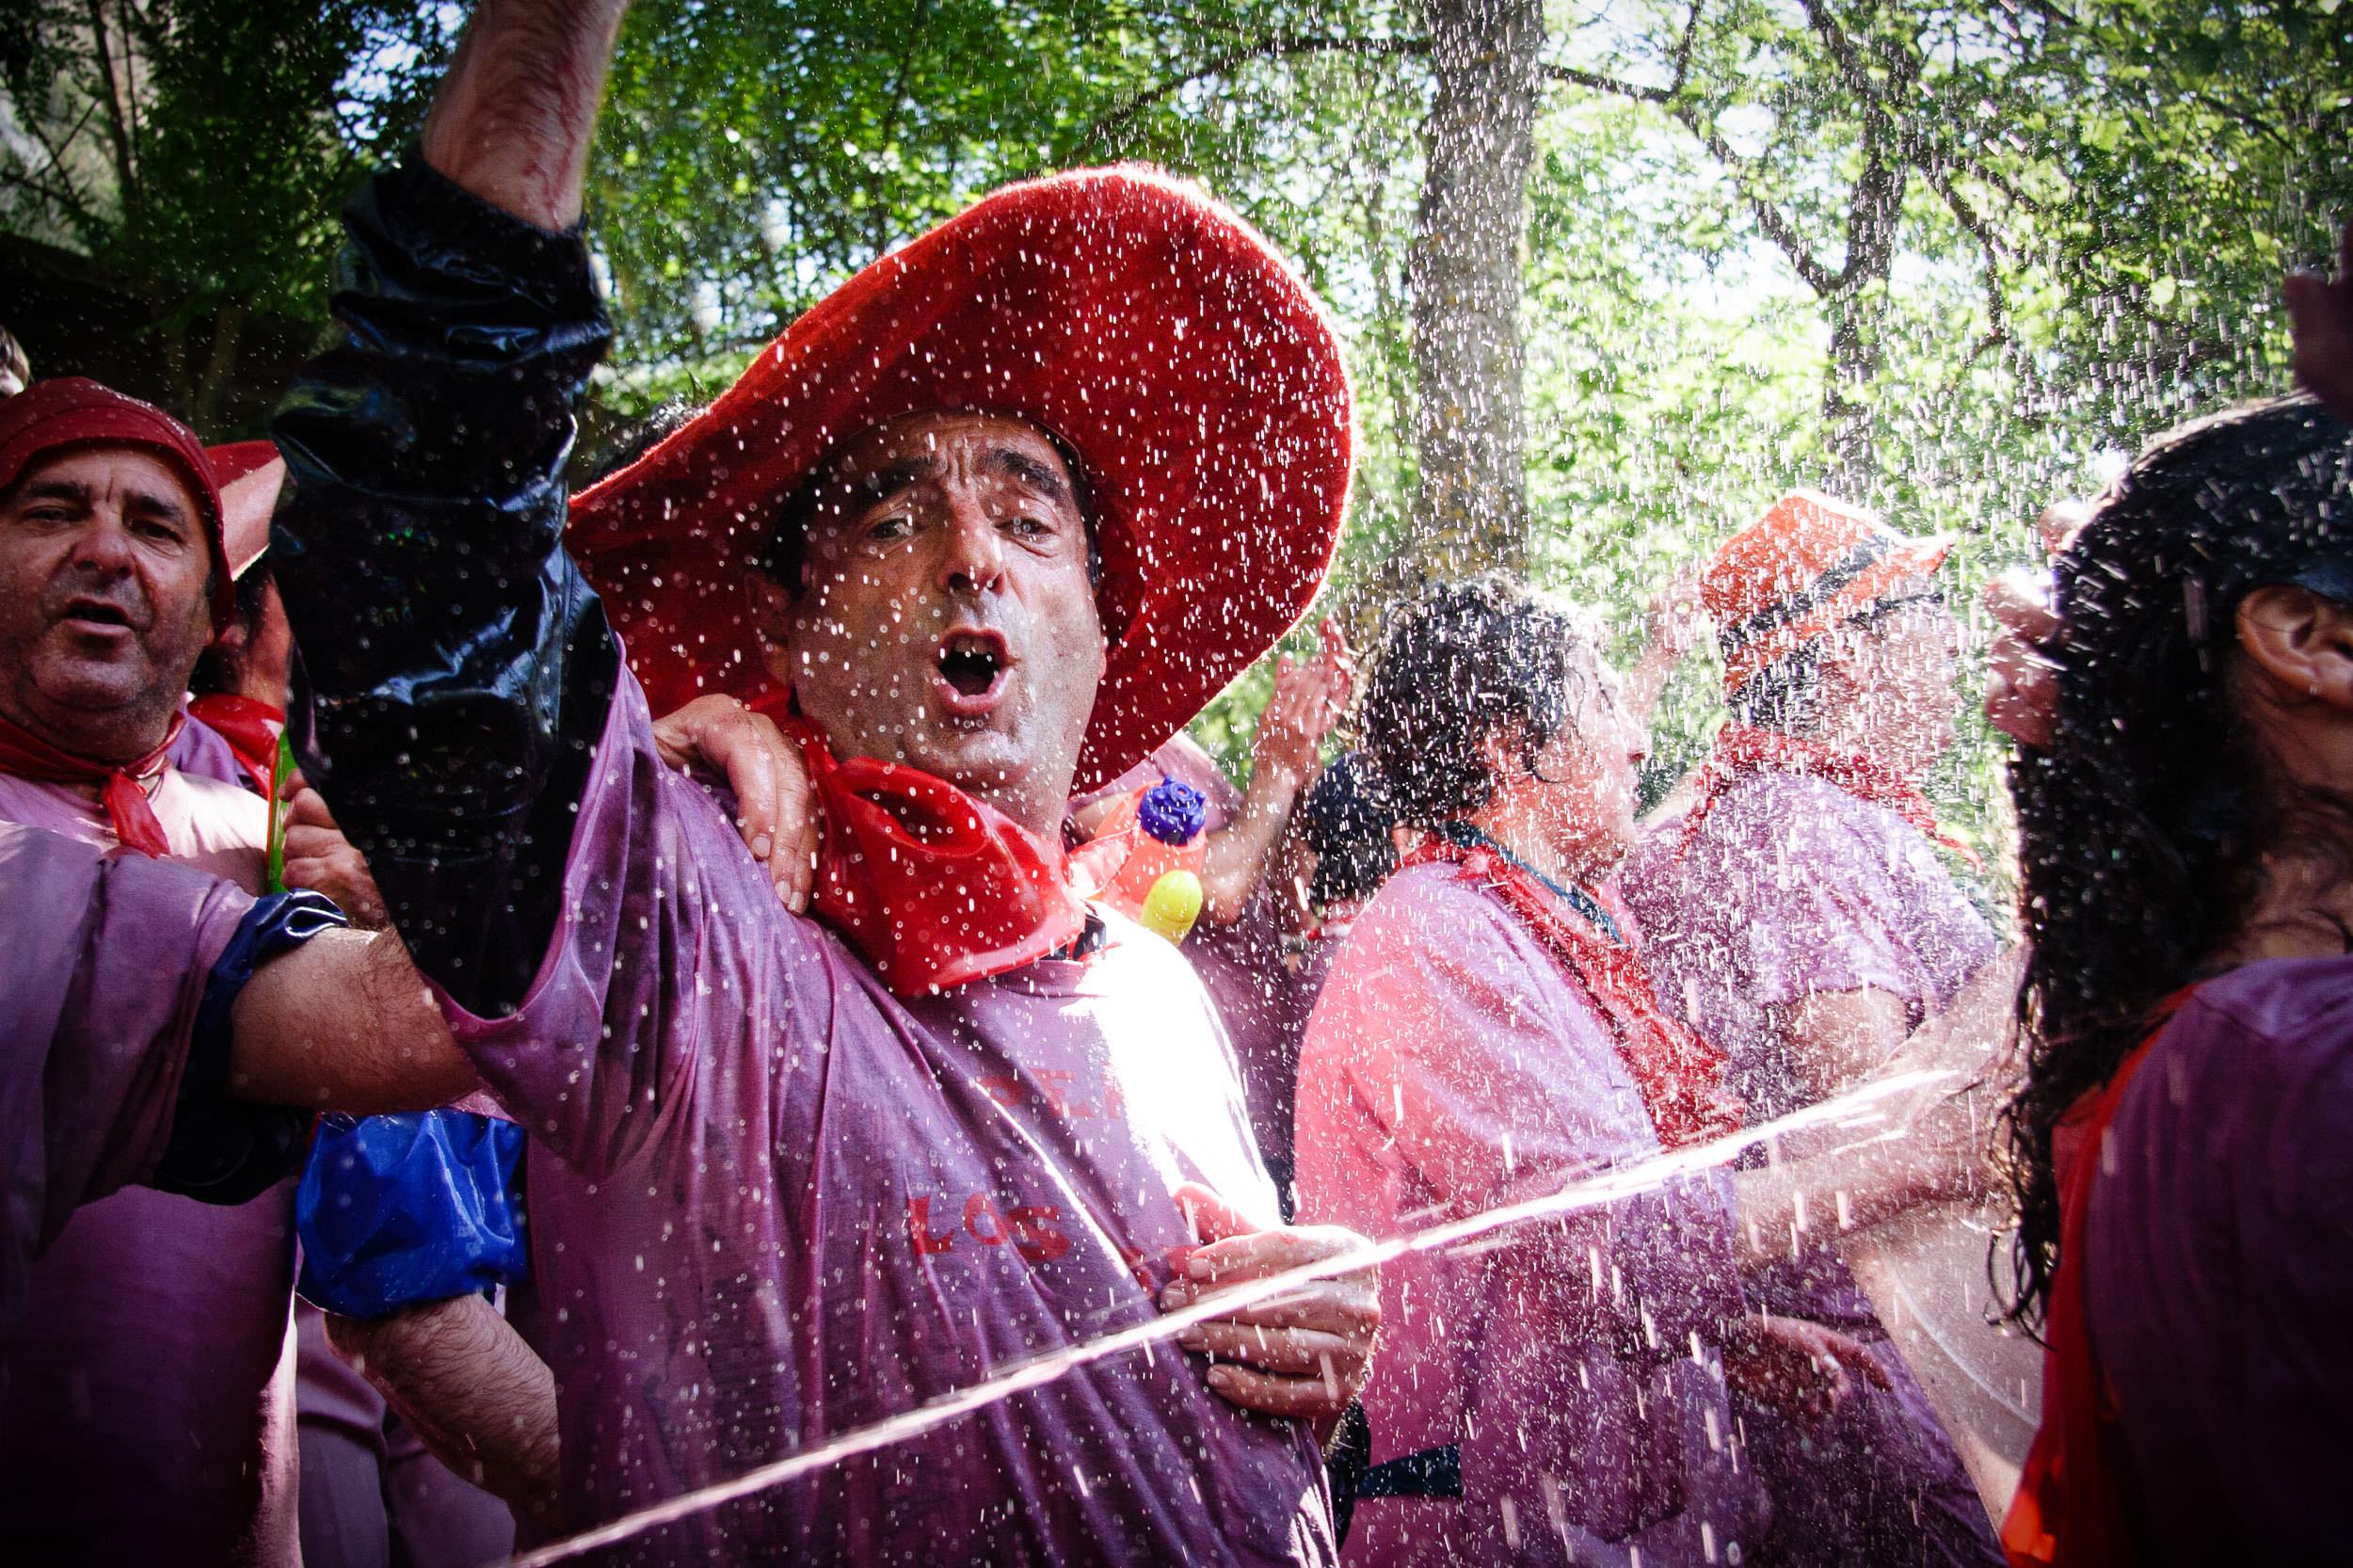 Fotografia Editorial Haro La Rioja España - La Batalla de Vino - James Sturcke Photographer | sturcke.org